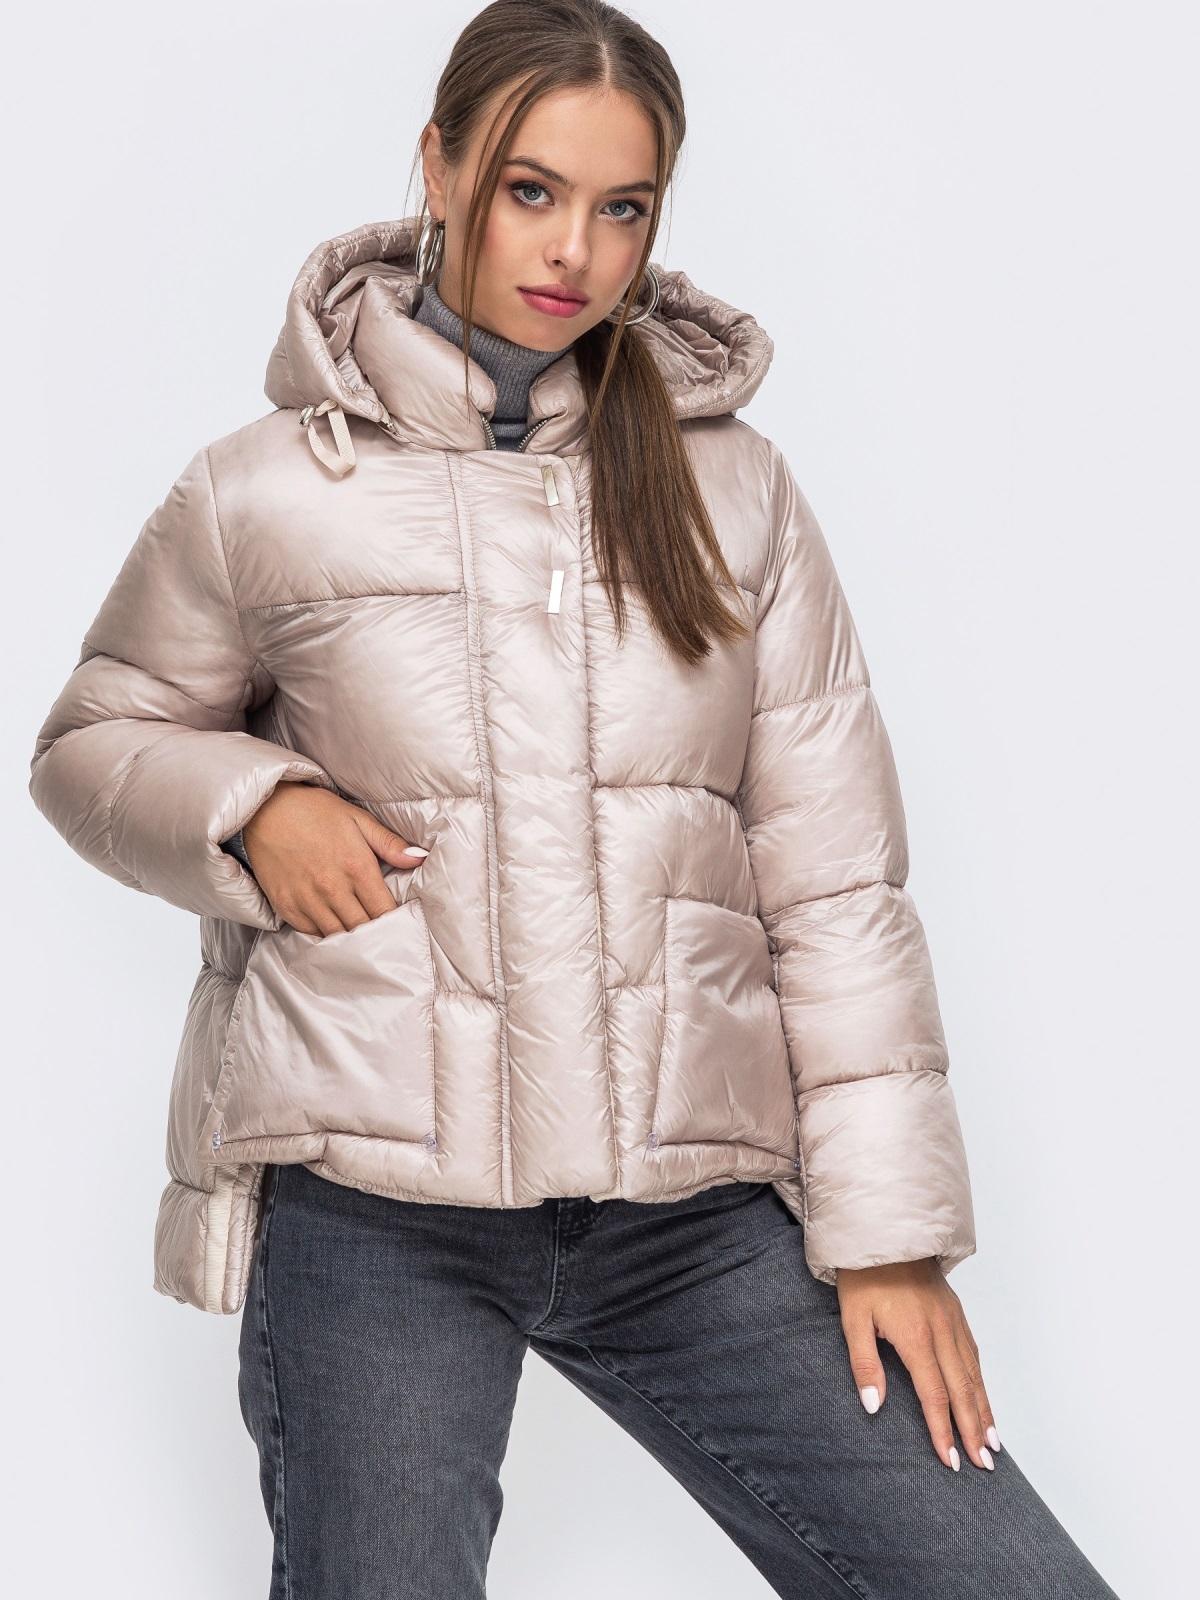 Зимняя куртка с воротником-стойкой и капюшоном пудровая 50220, фото 1